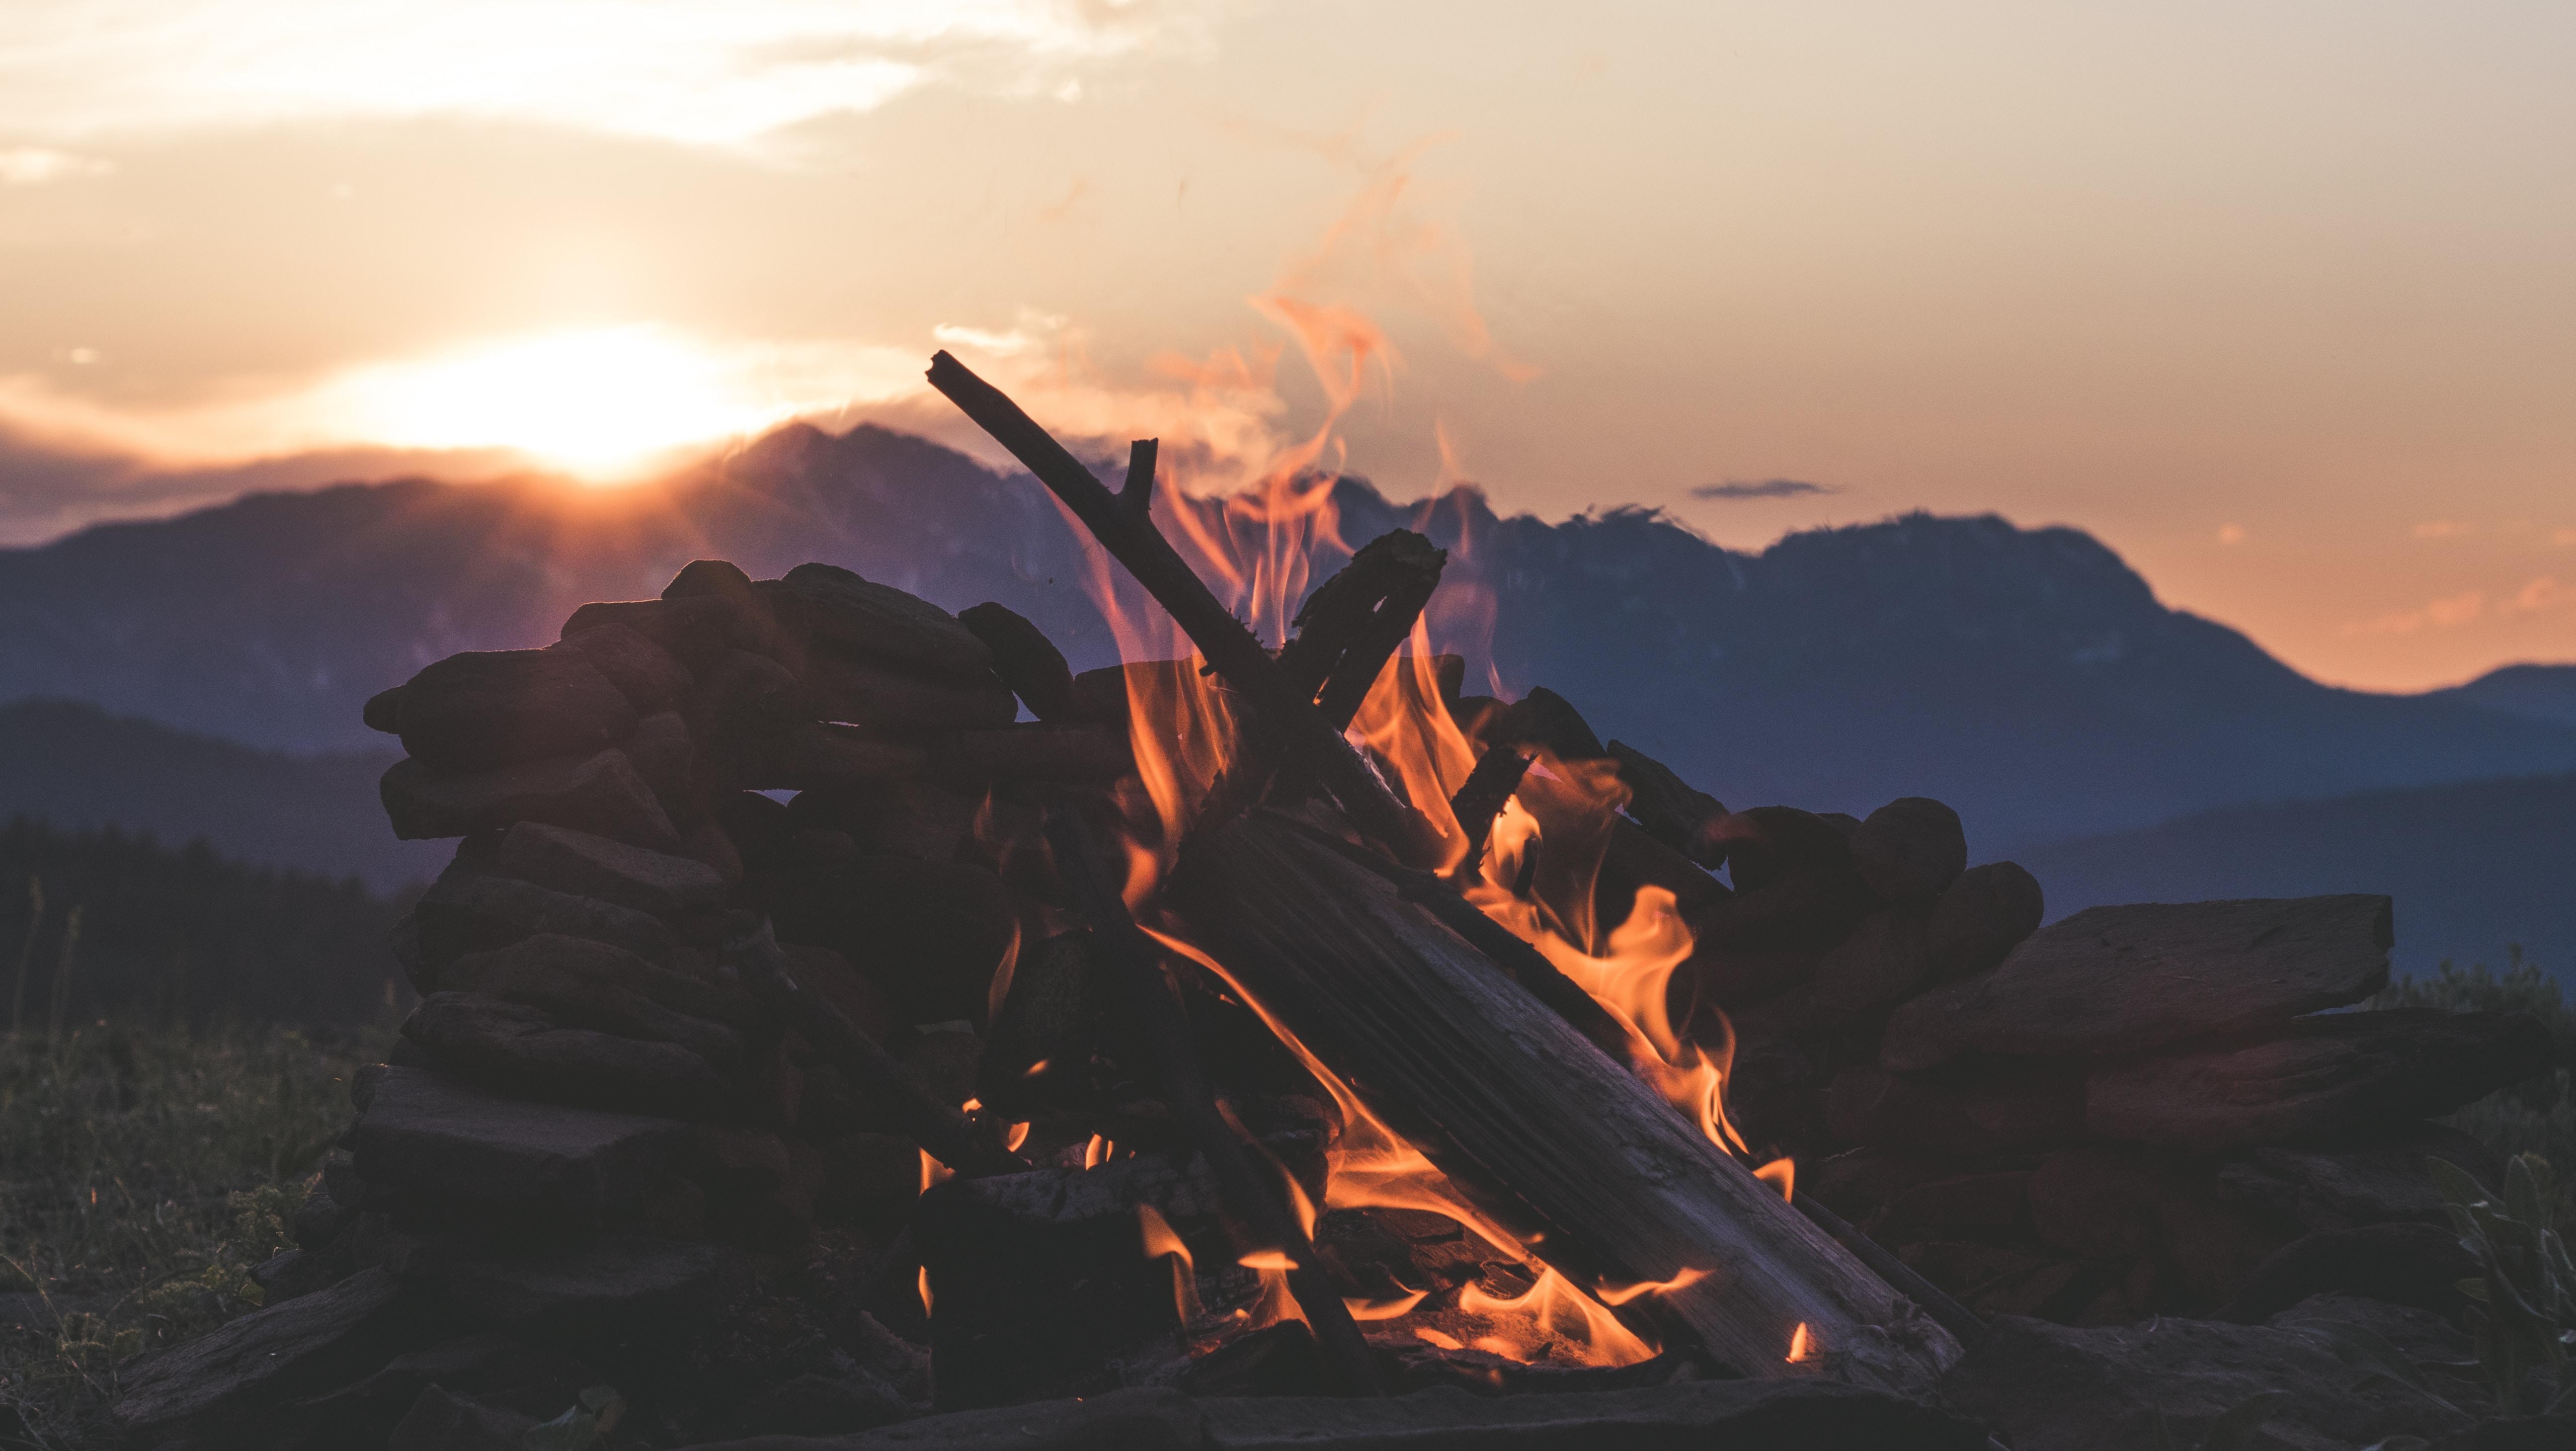 burning wood during daytime